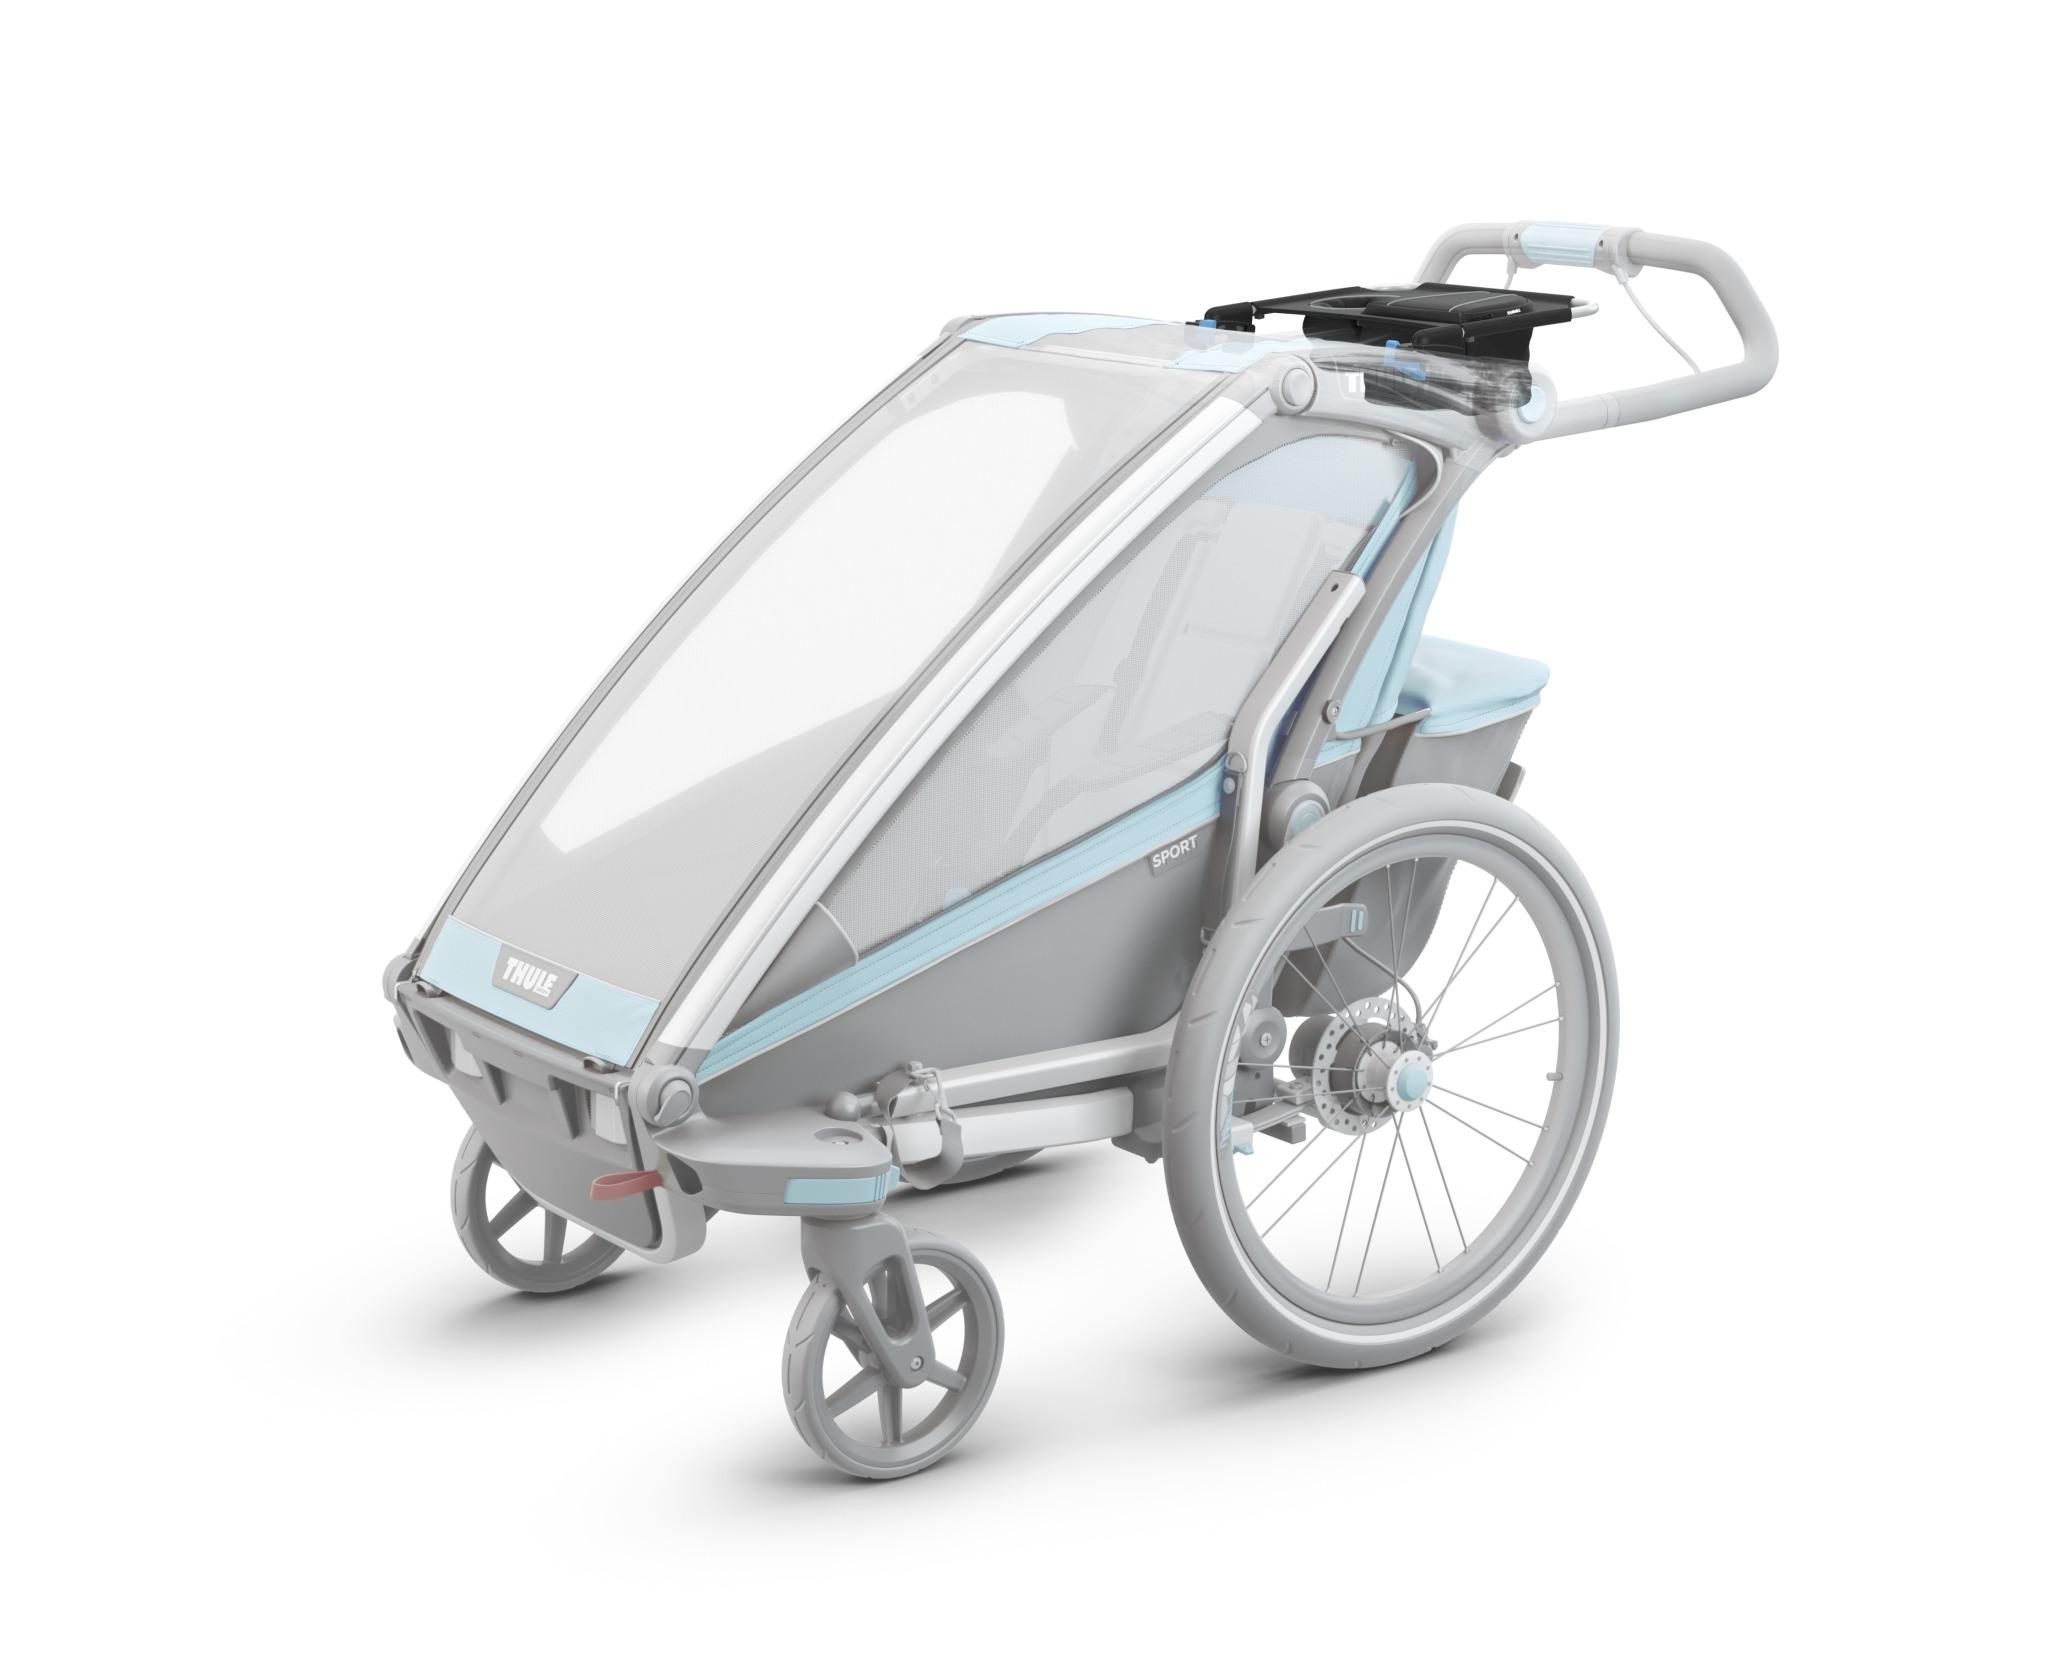 THULE Chariot - Konsola do wózków pojedynczych